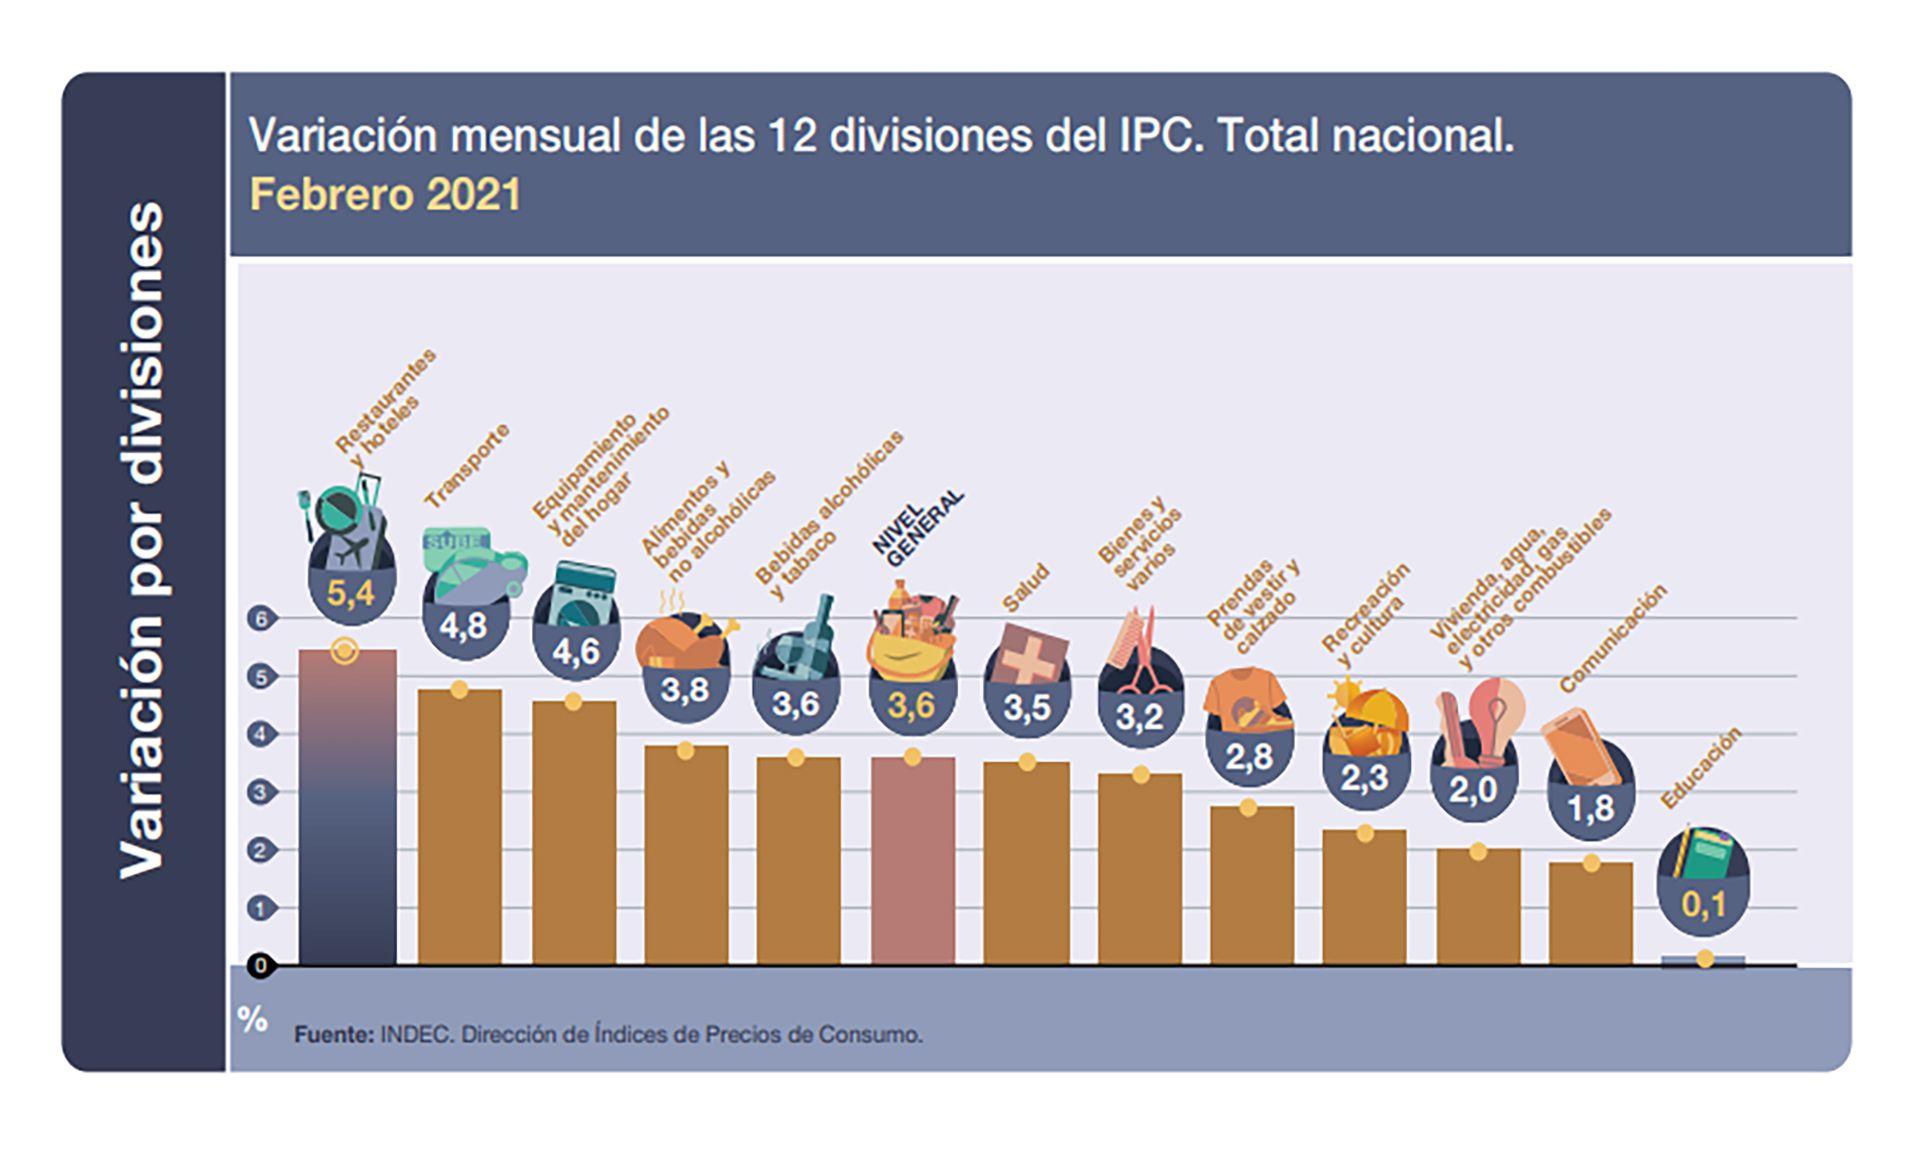 IPC Indec febrero 2021